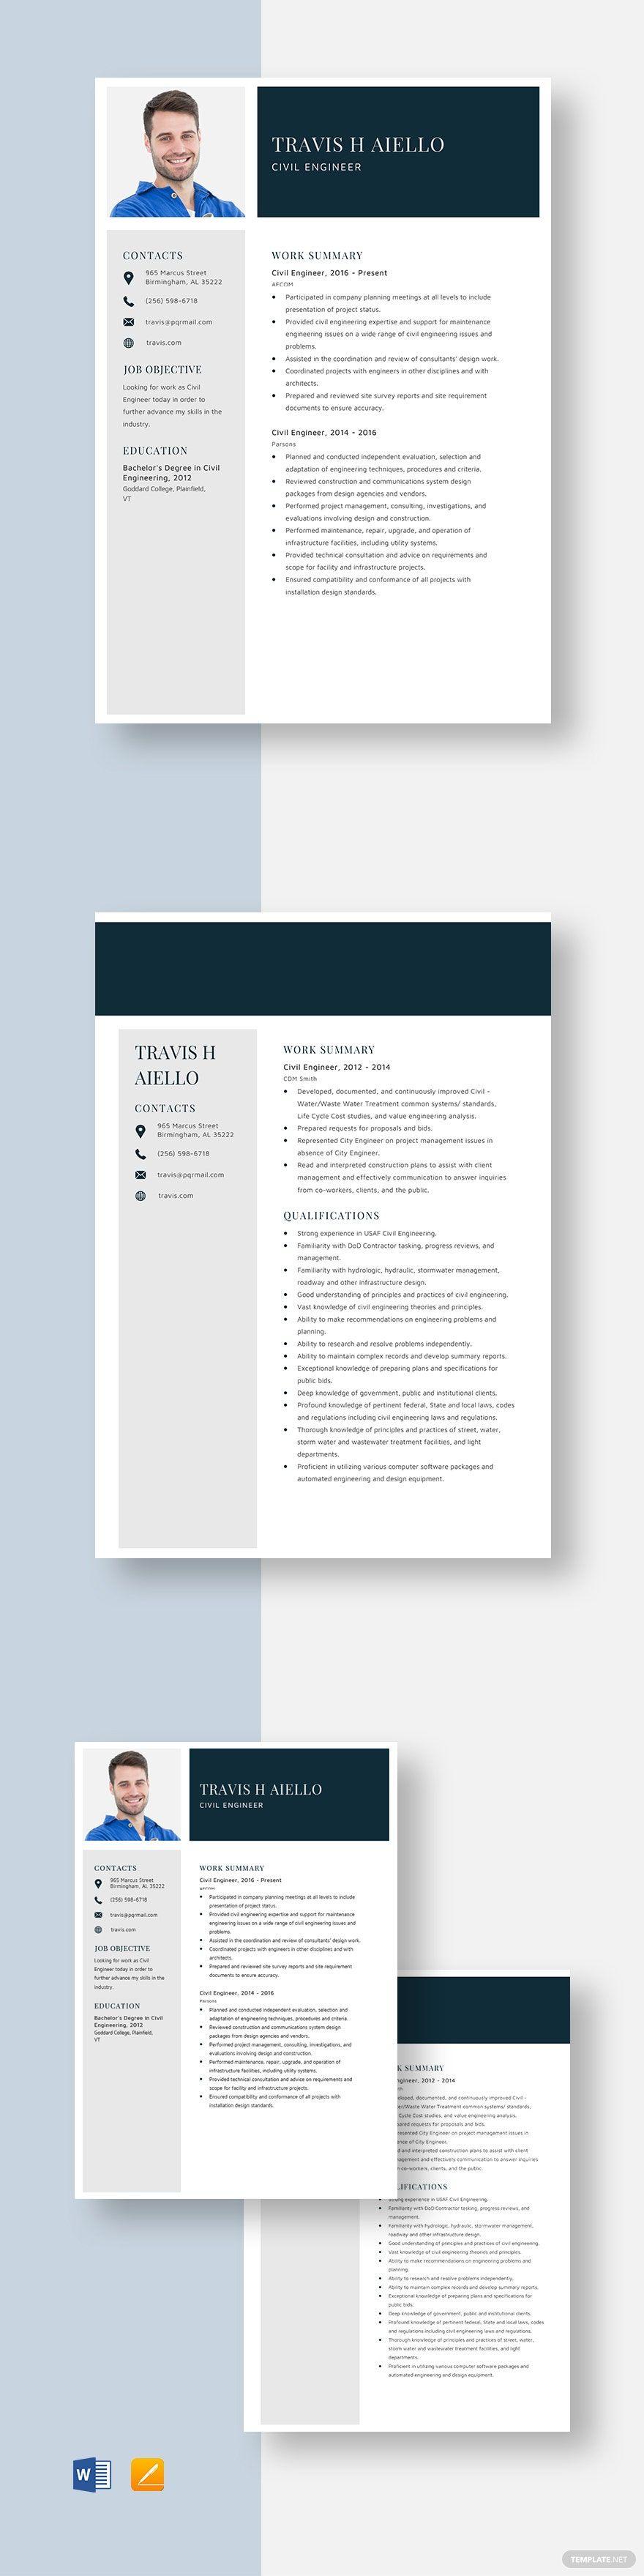 Civil engineer resume template in 2020 civil engineer